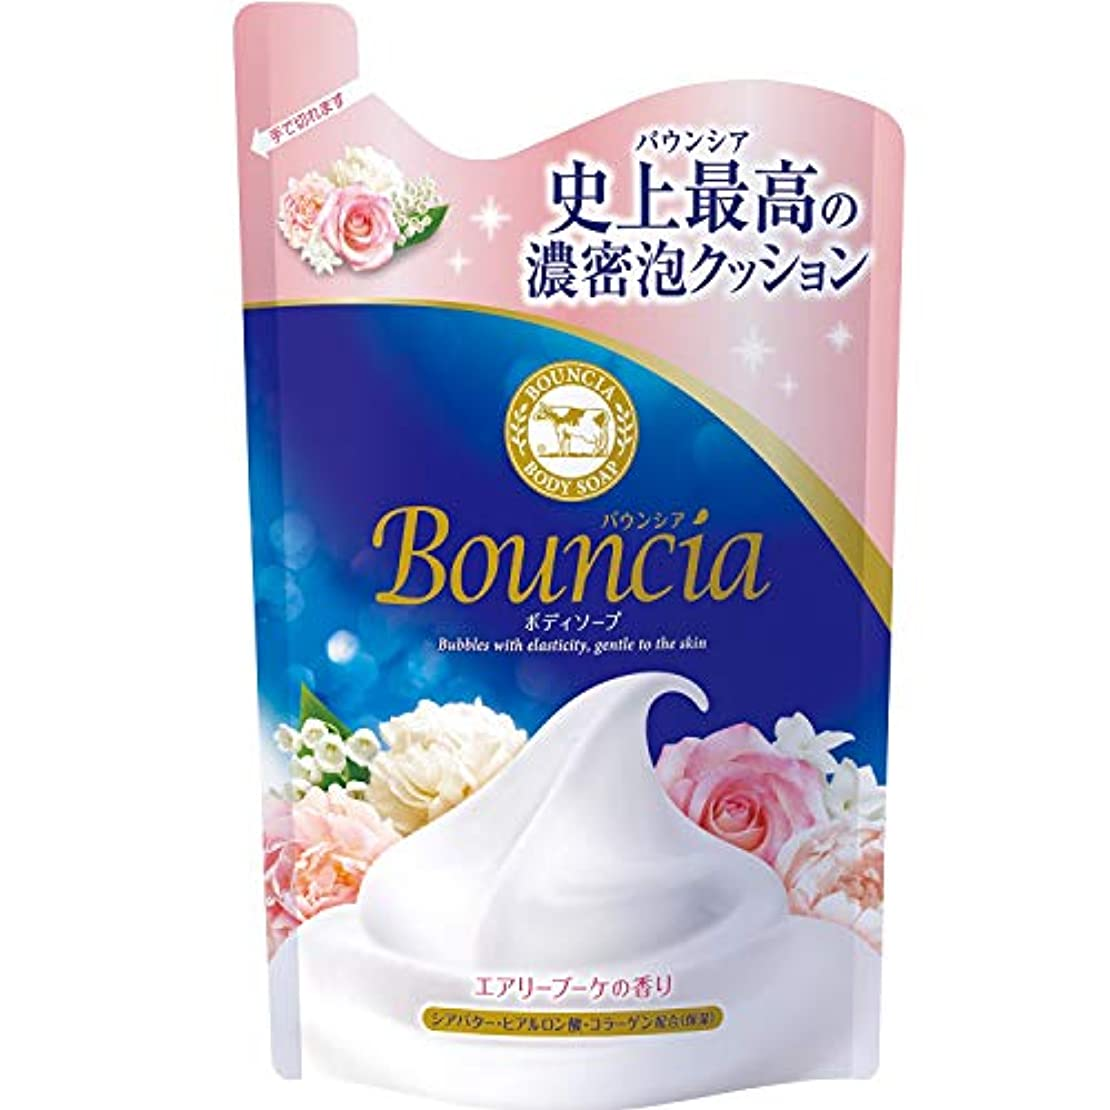 支配的シニスフィードオンバウンシア ボディソープ エアリーブーケの香り 詰替 400mL